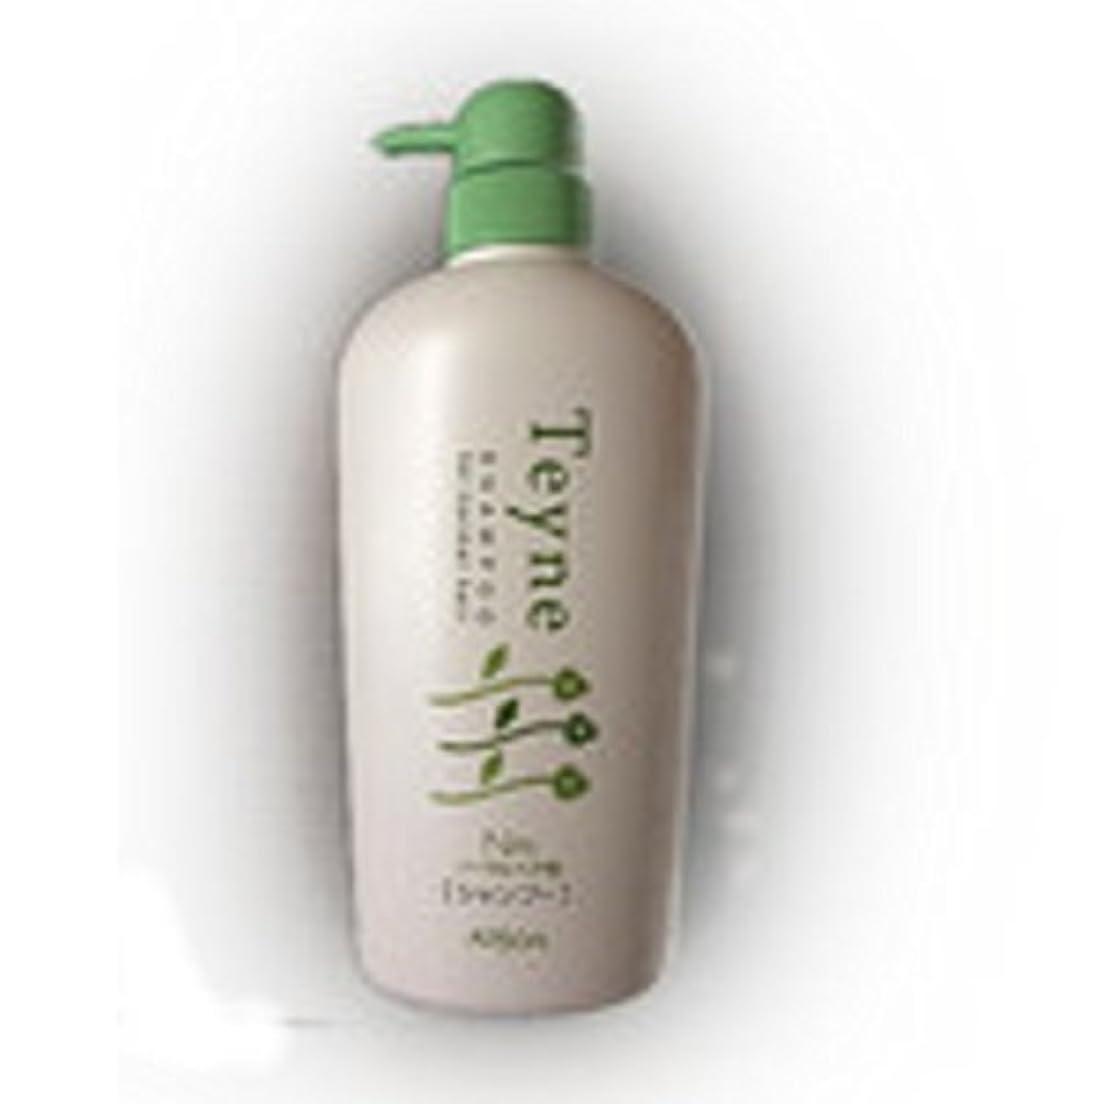 親密なれんが葉を拾うアルソア ティネ シャンプー 500ml (ボトル付)